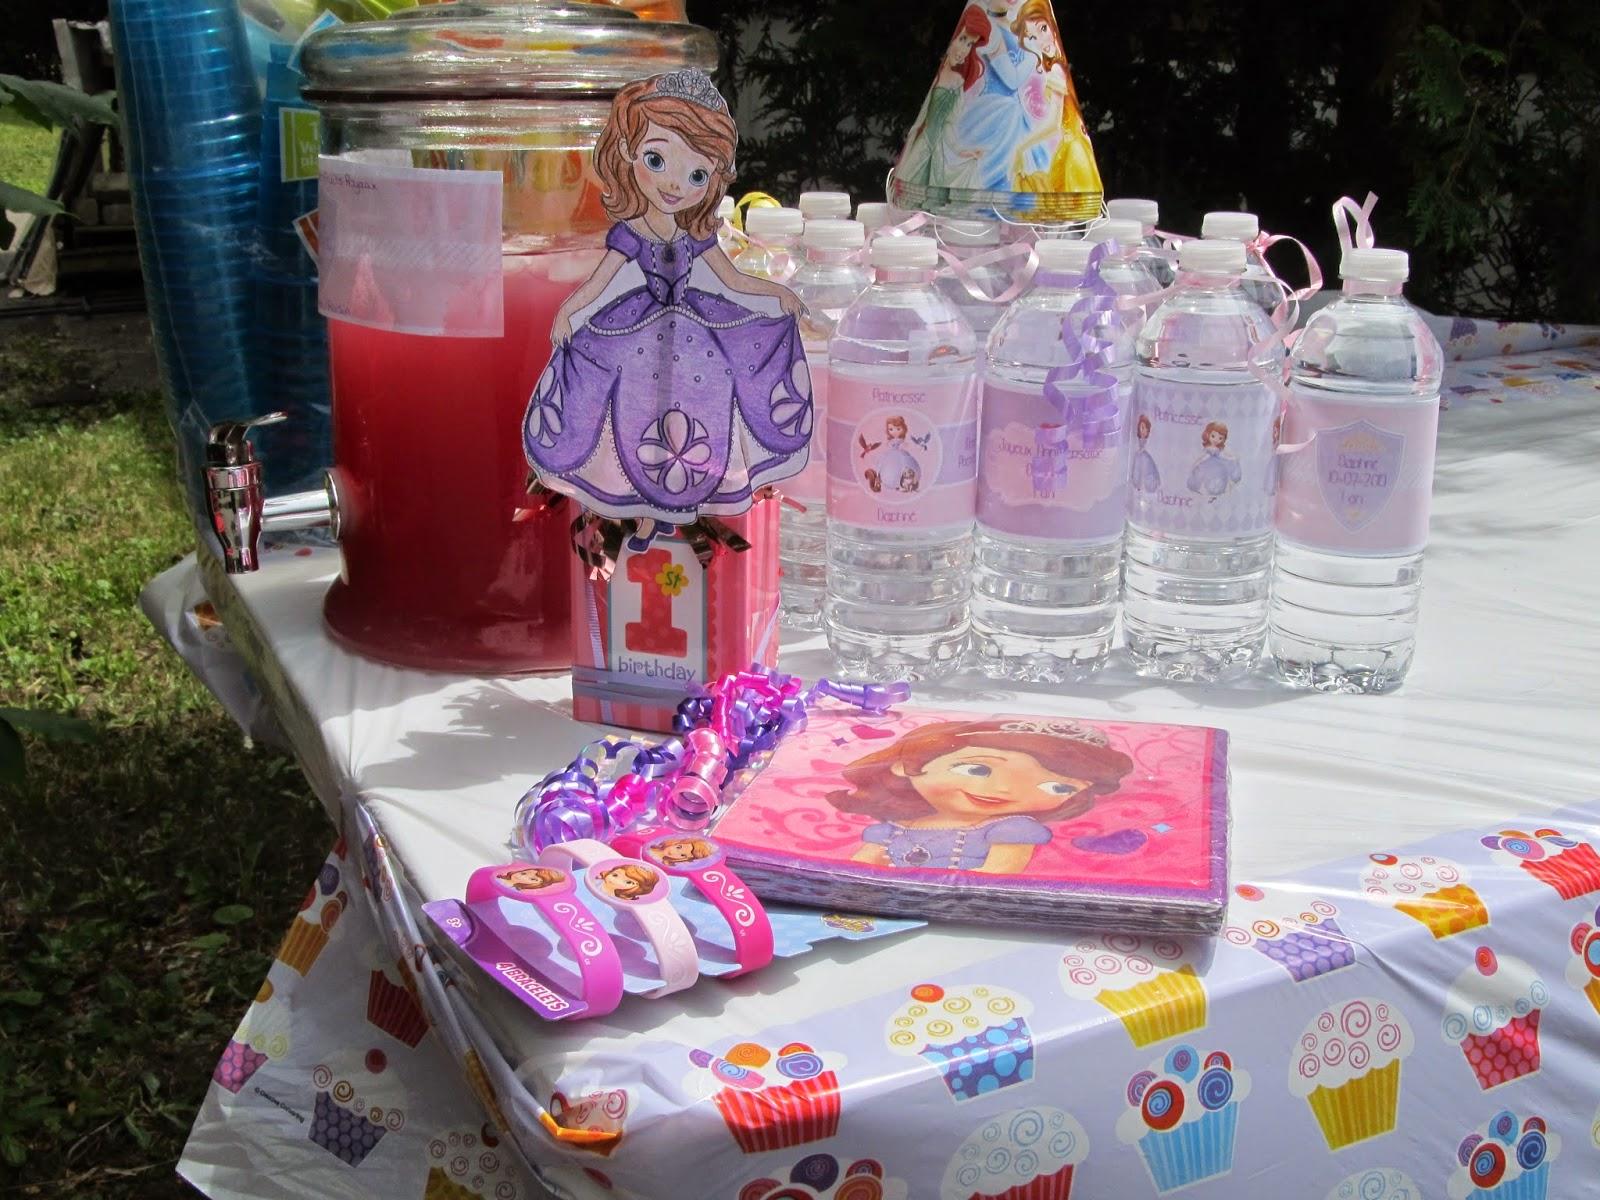 La f te des 1 an de mini radieuse princesse sofia diy recettes et smash the cake etre for Idee deco jardin pour fete